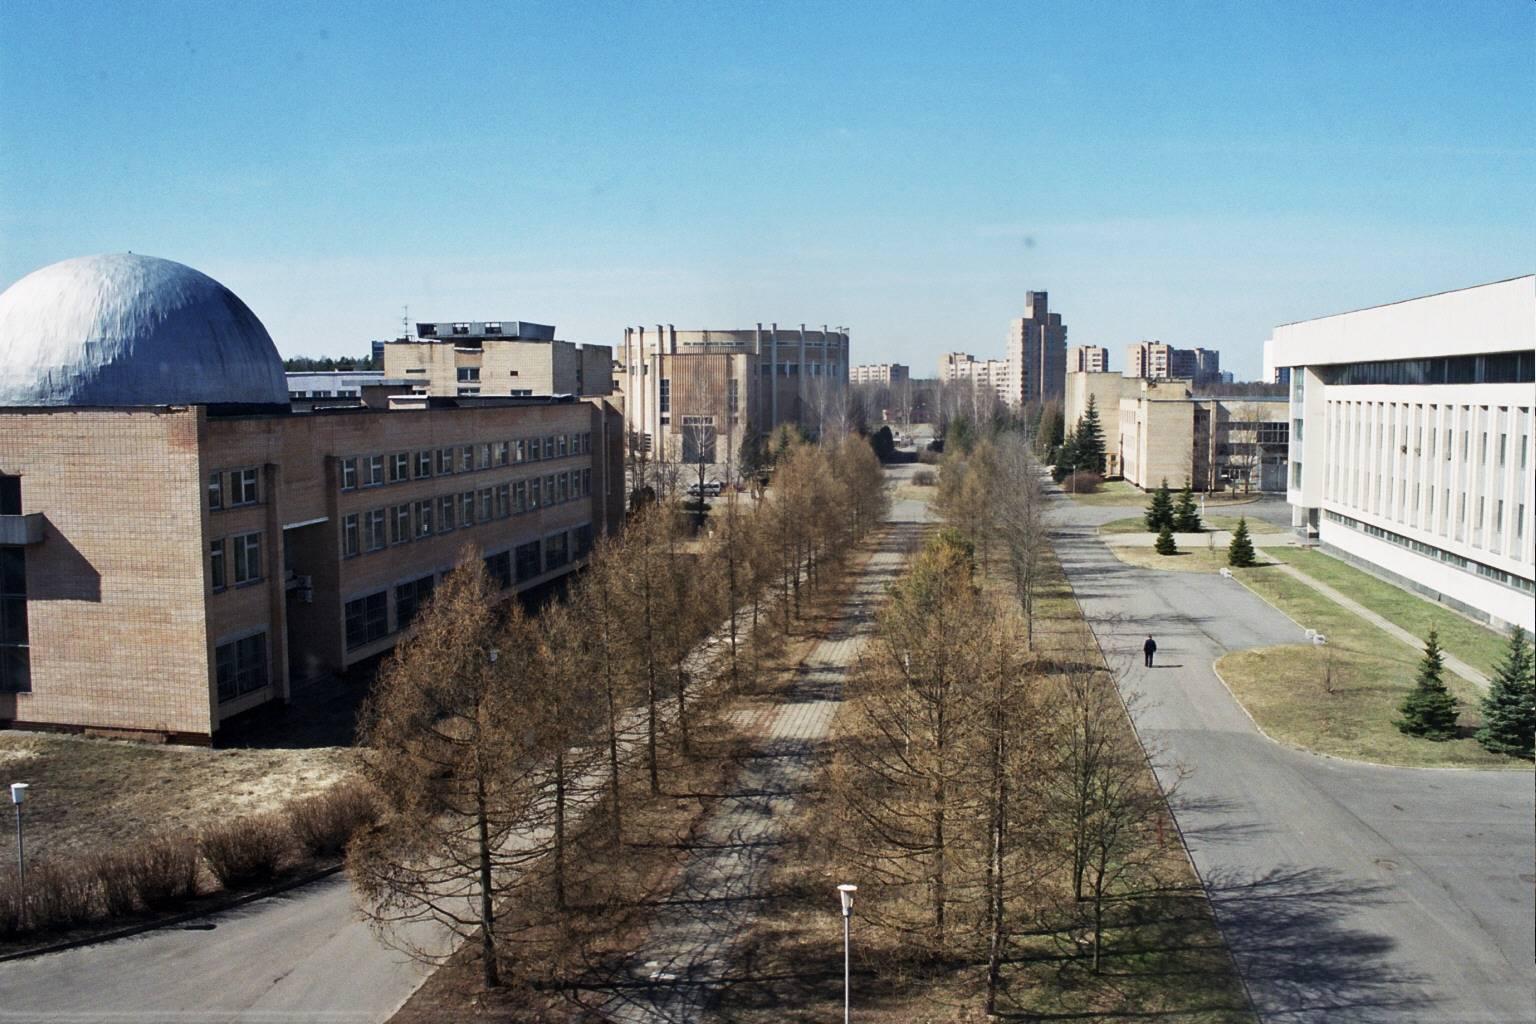 Centro Gagarin